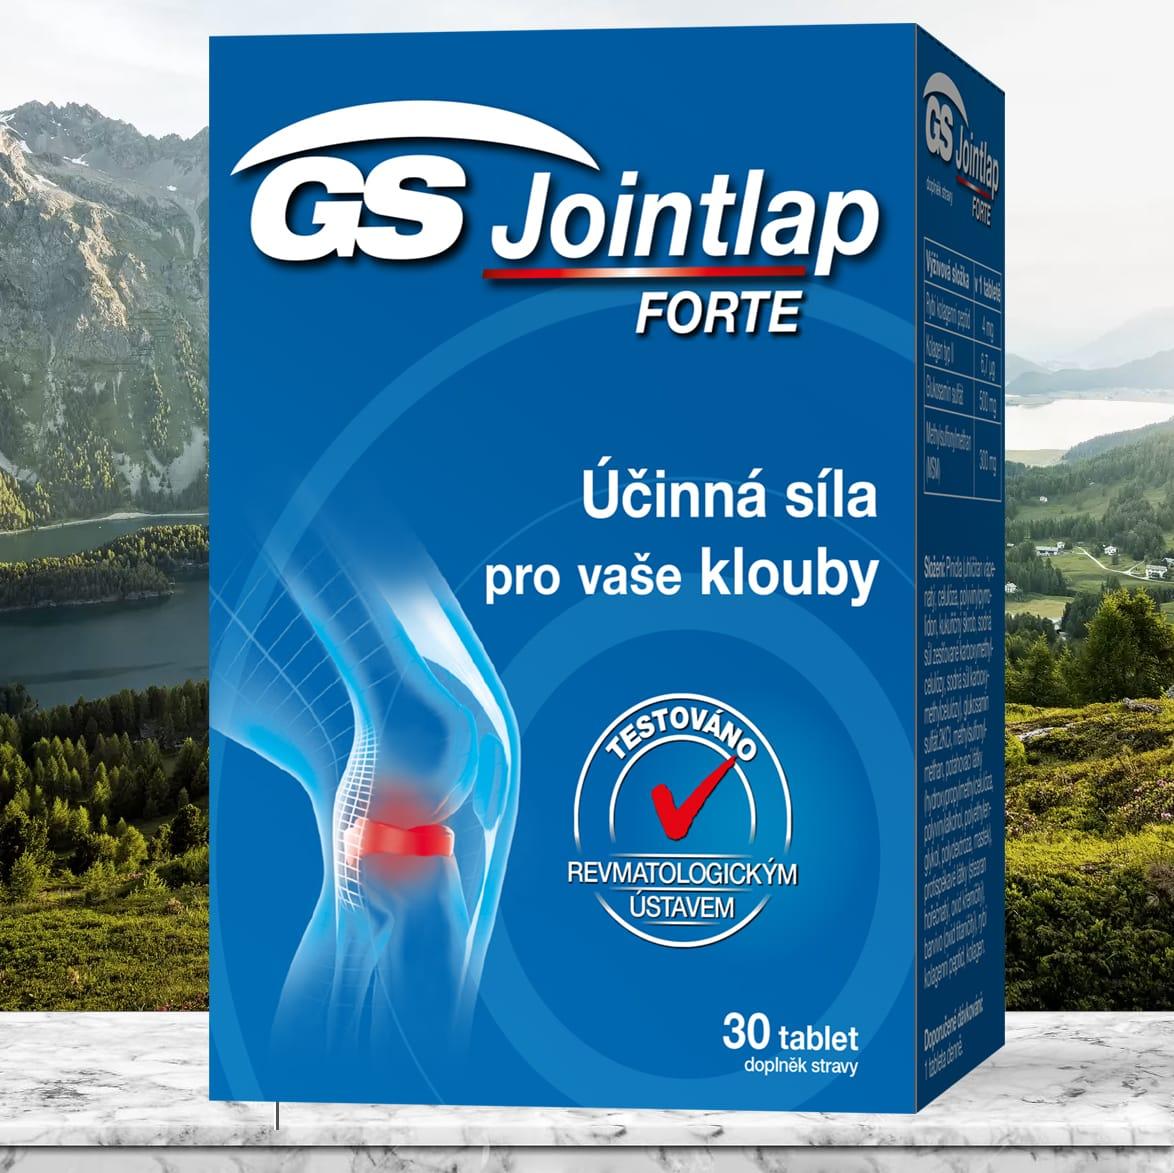 Hình ảnh GS Jointlap